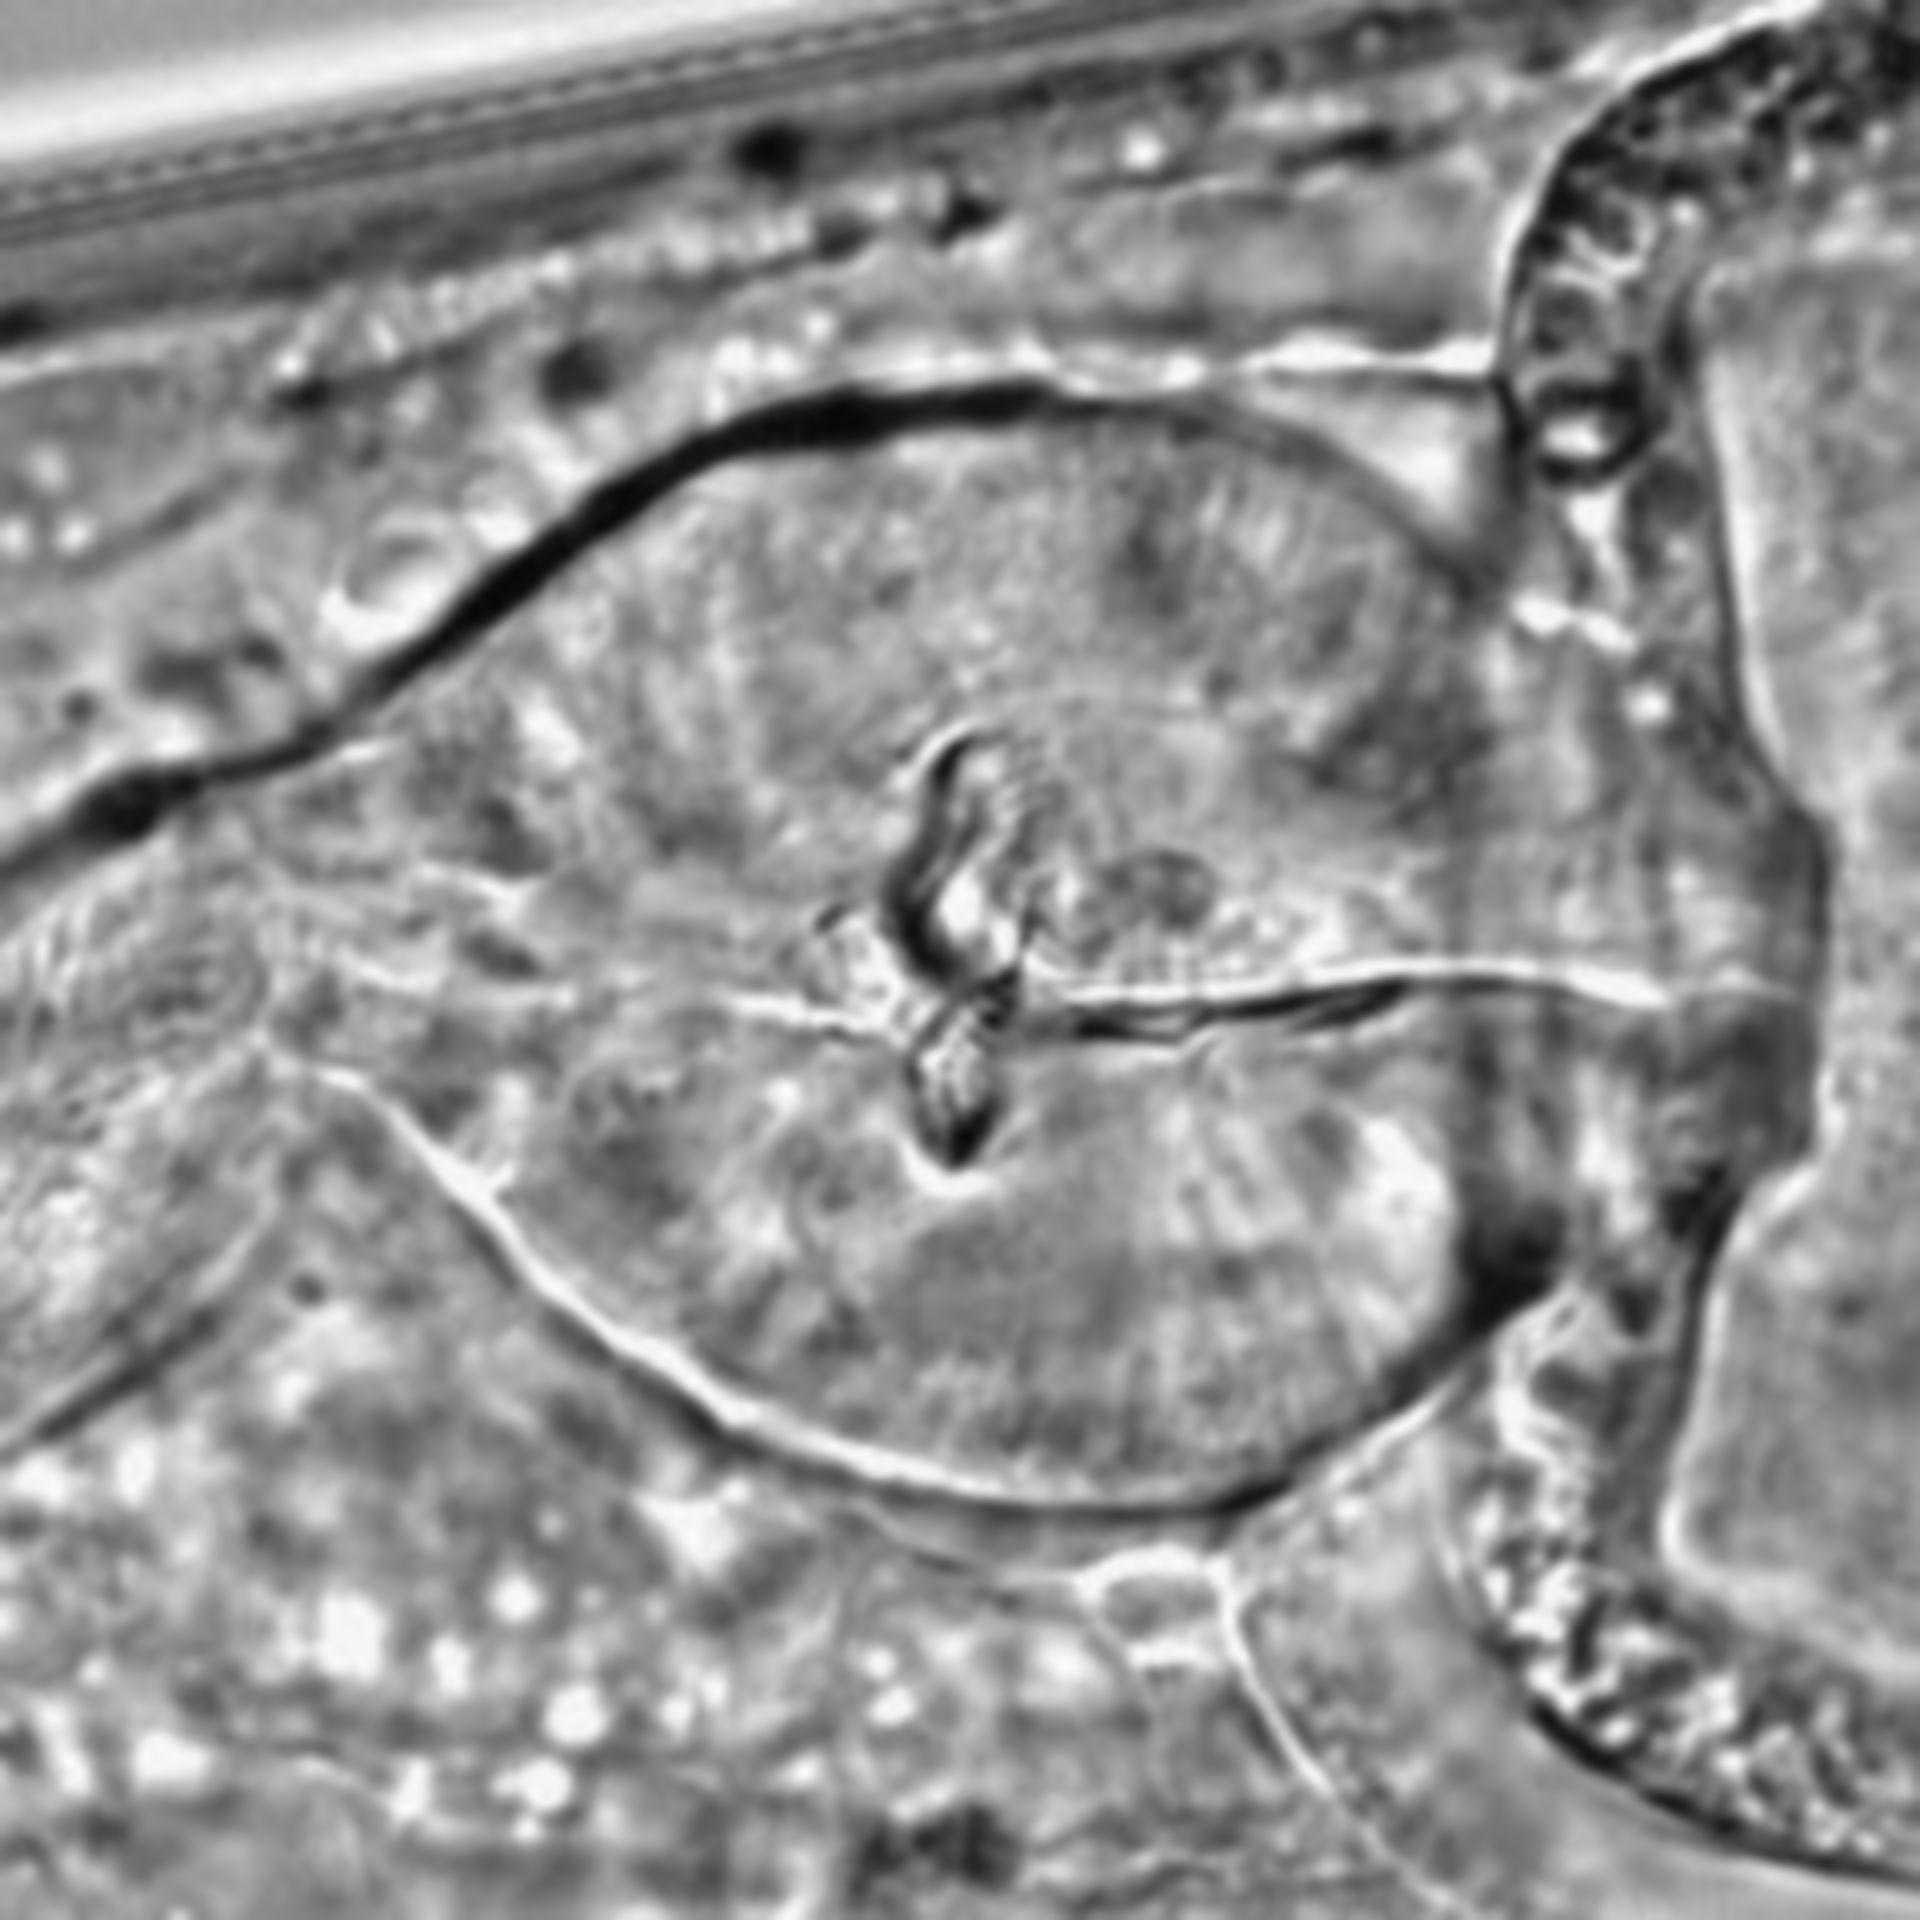 Caenorhabditis elegans - CIL:1641